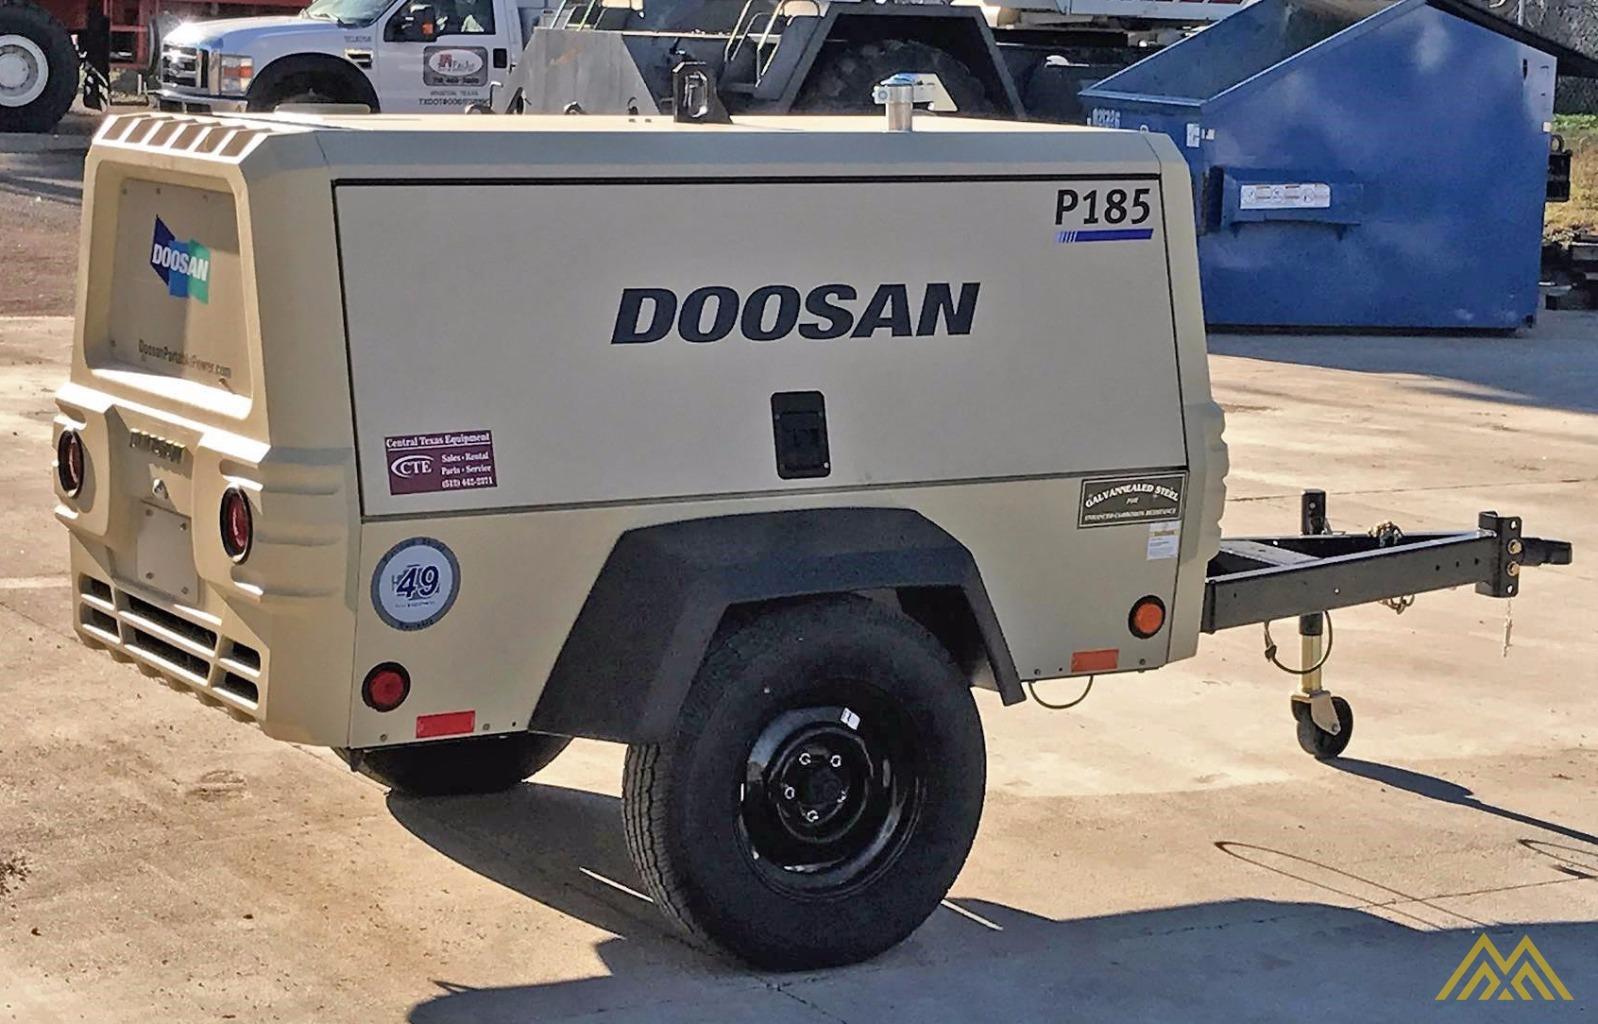 2016 DOOSAN P185WDO-T4F 0